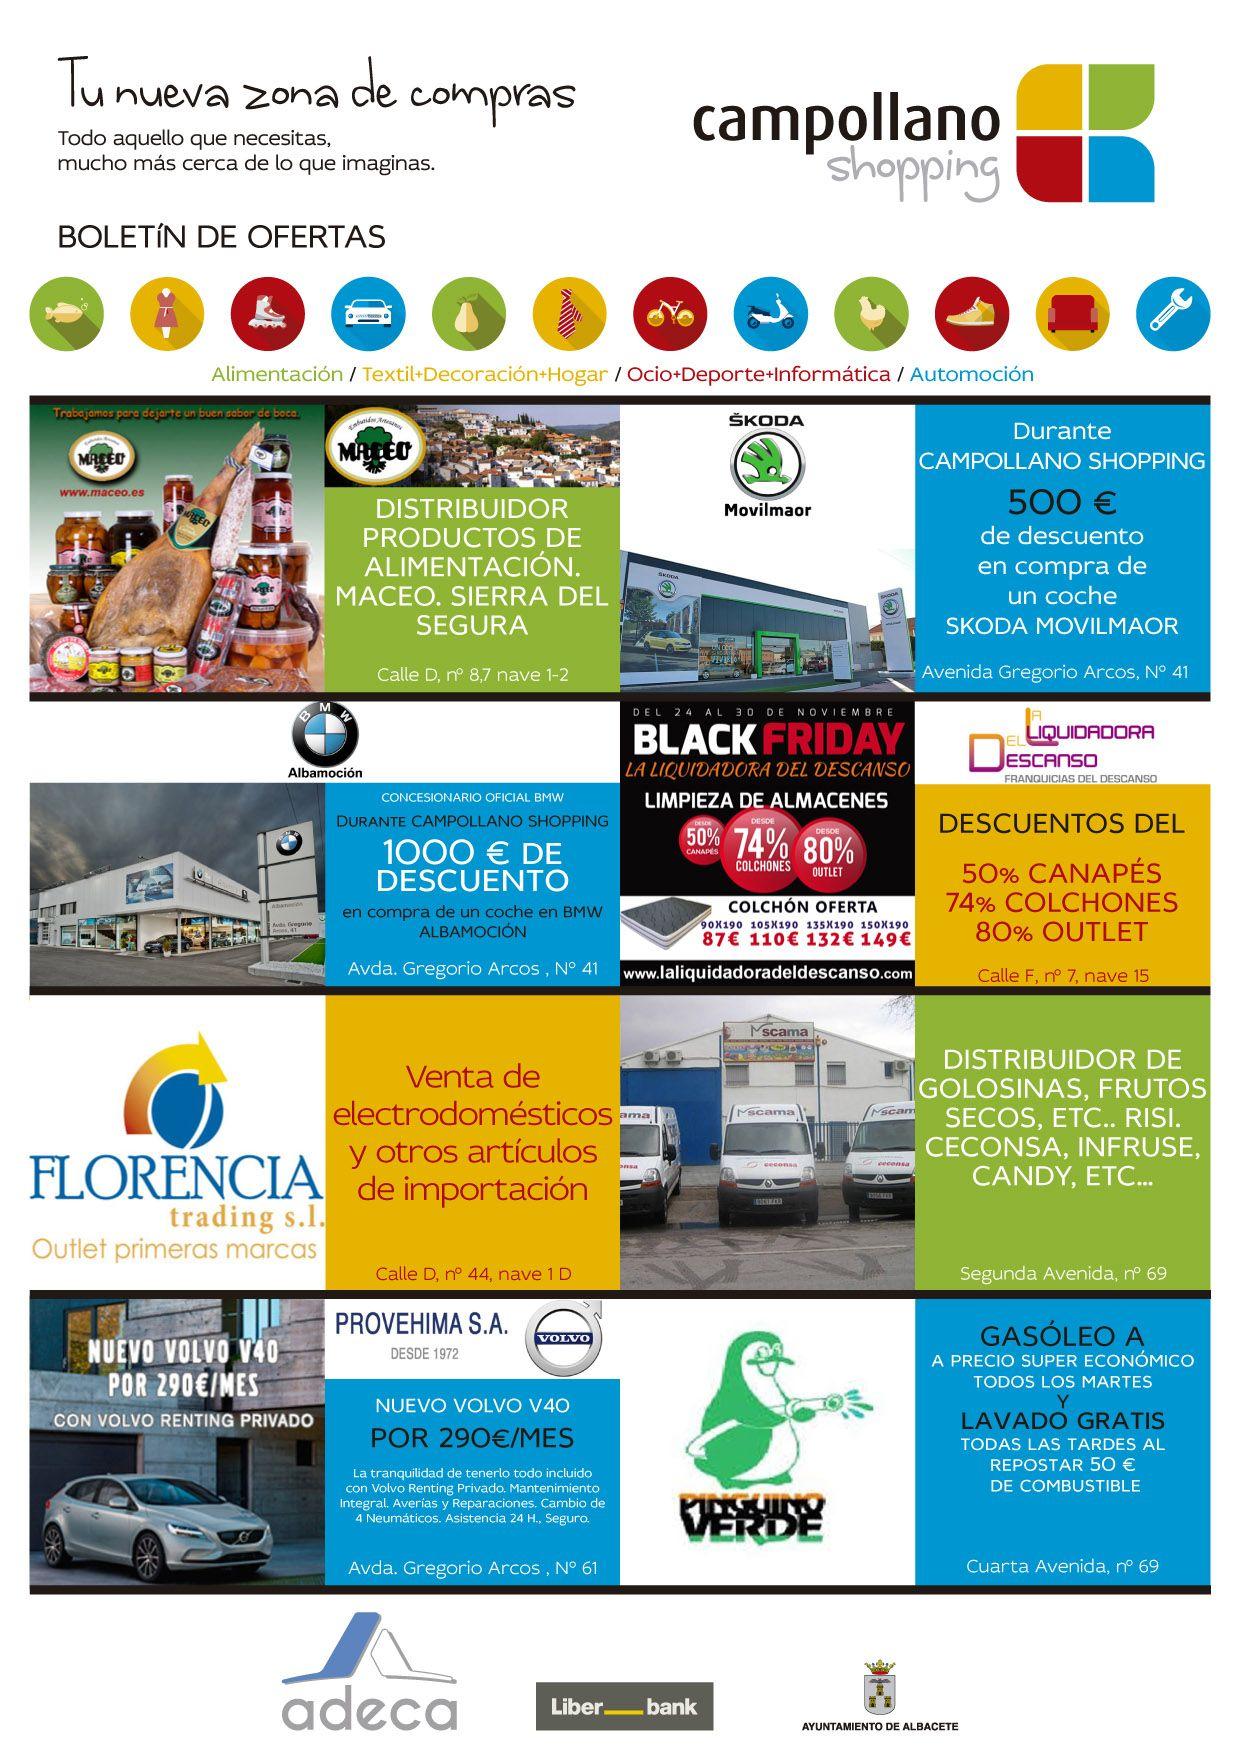 Imagen de Campollano Shopping ADECA